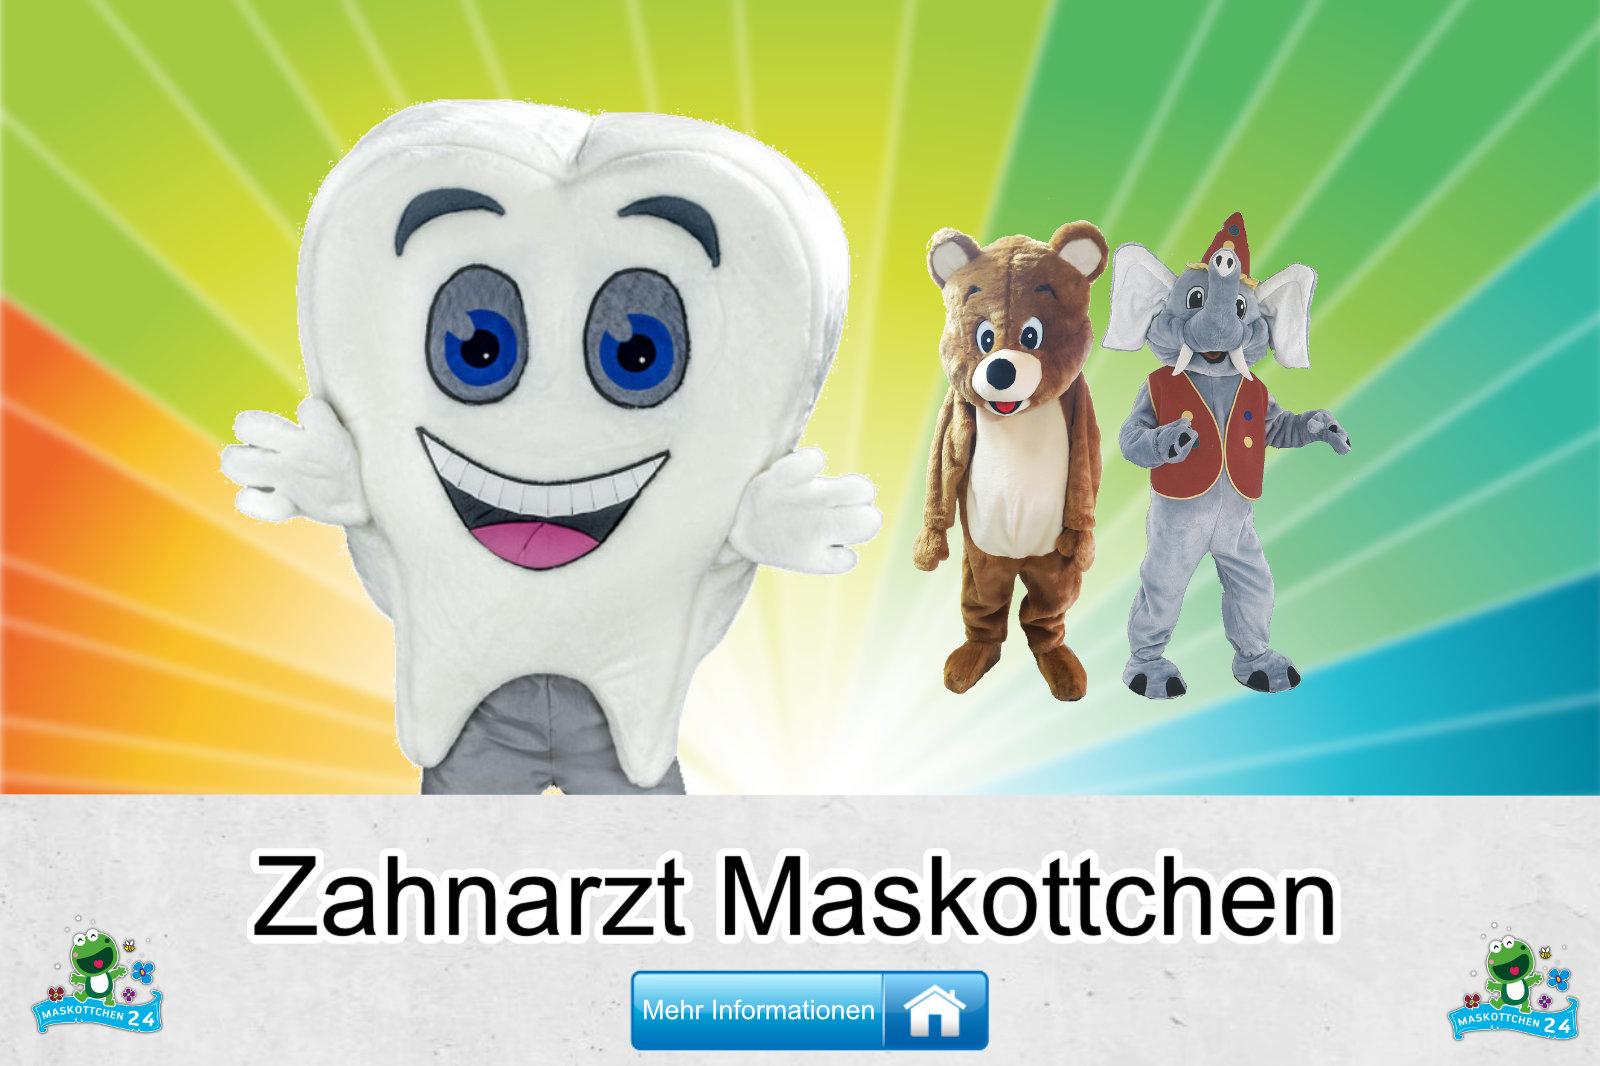 Kostüm Maskottchen Günstig Kaufen Produktion Zahnarzt